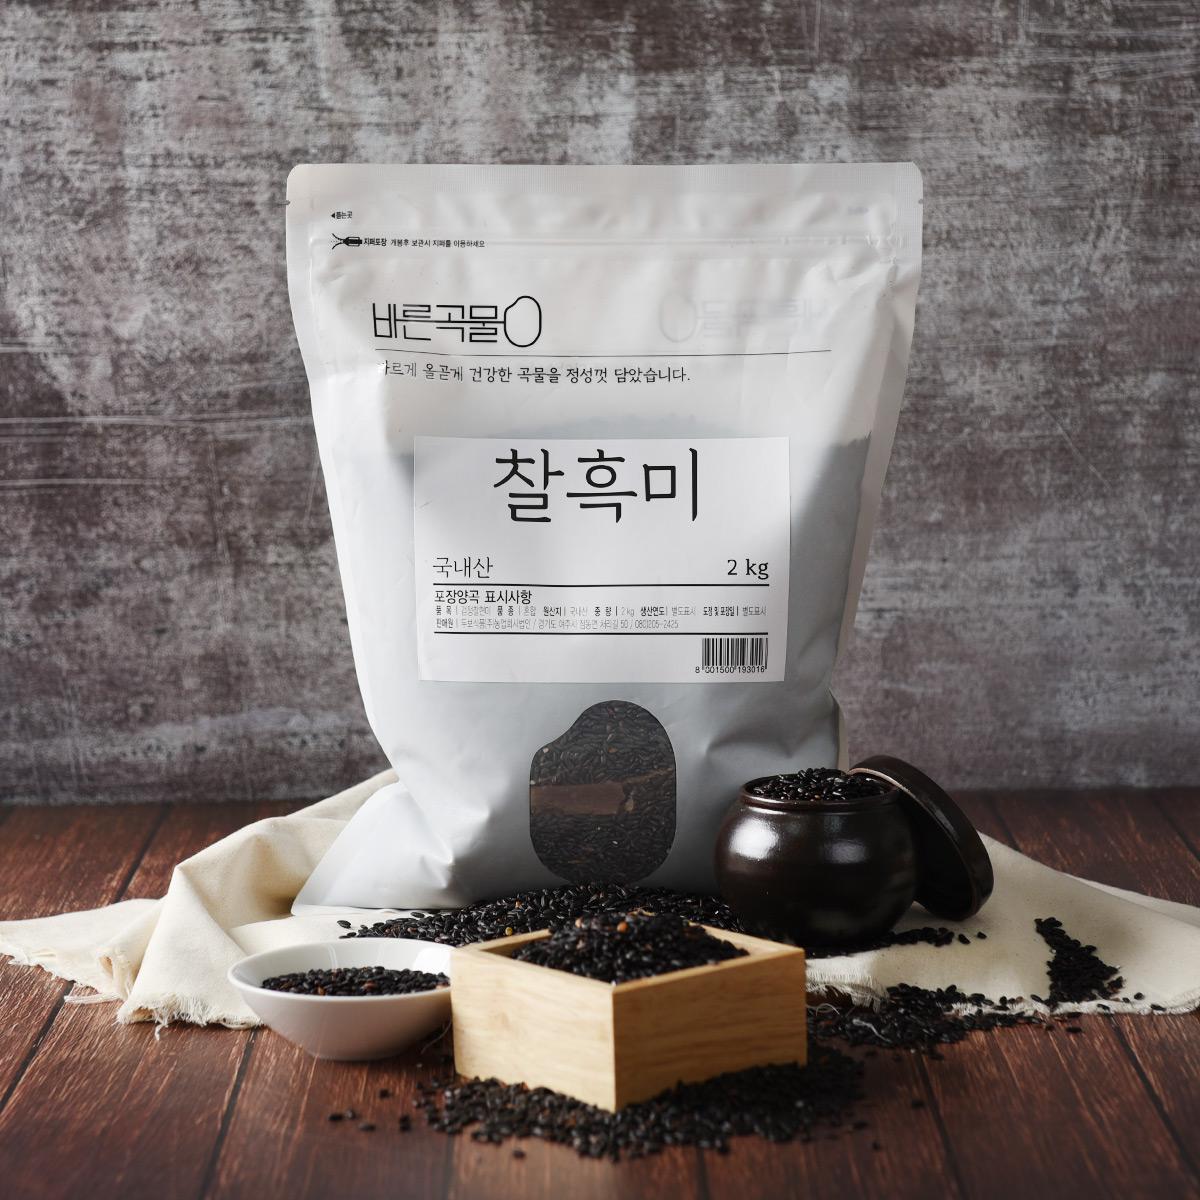 바른곡물 찰흑미, 2kg, 1개